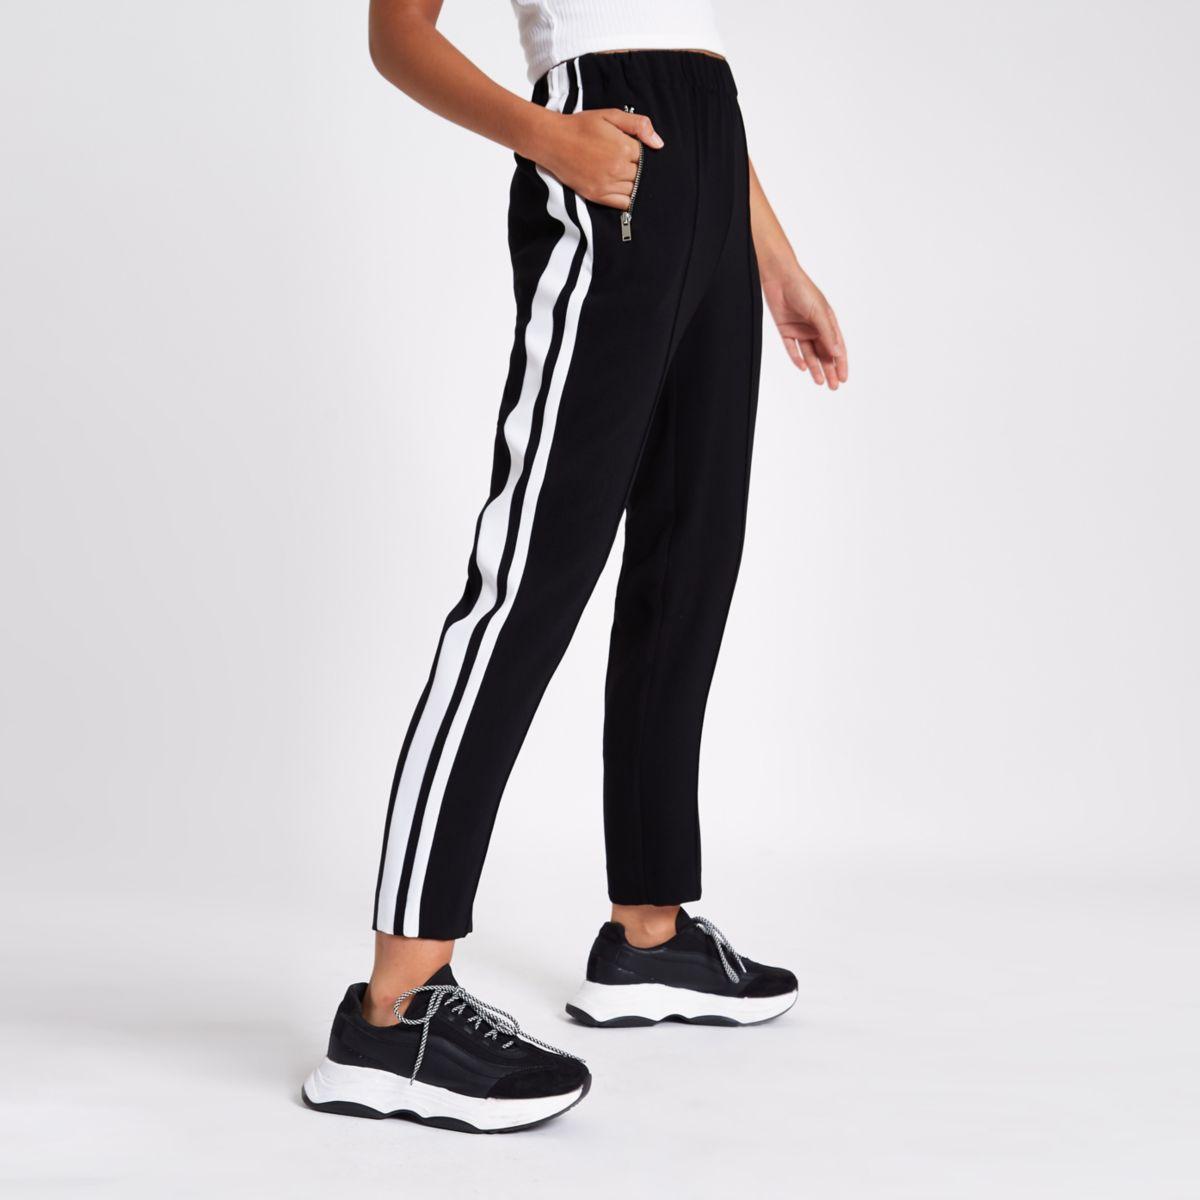 Zwarte broek met rechte pijpen en streep aan de zijkant